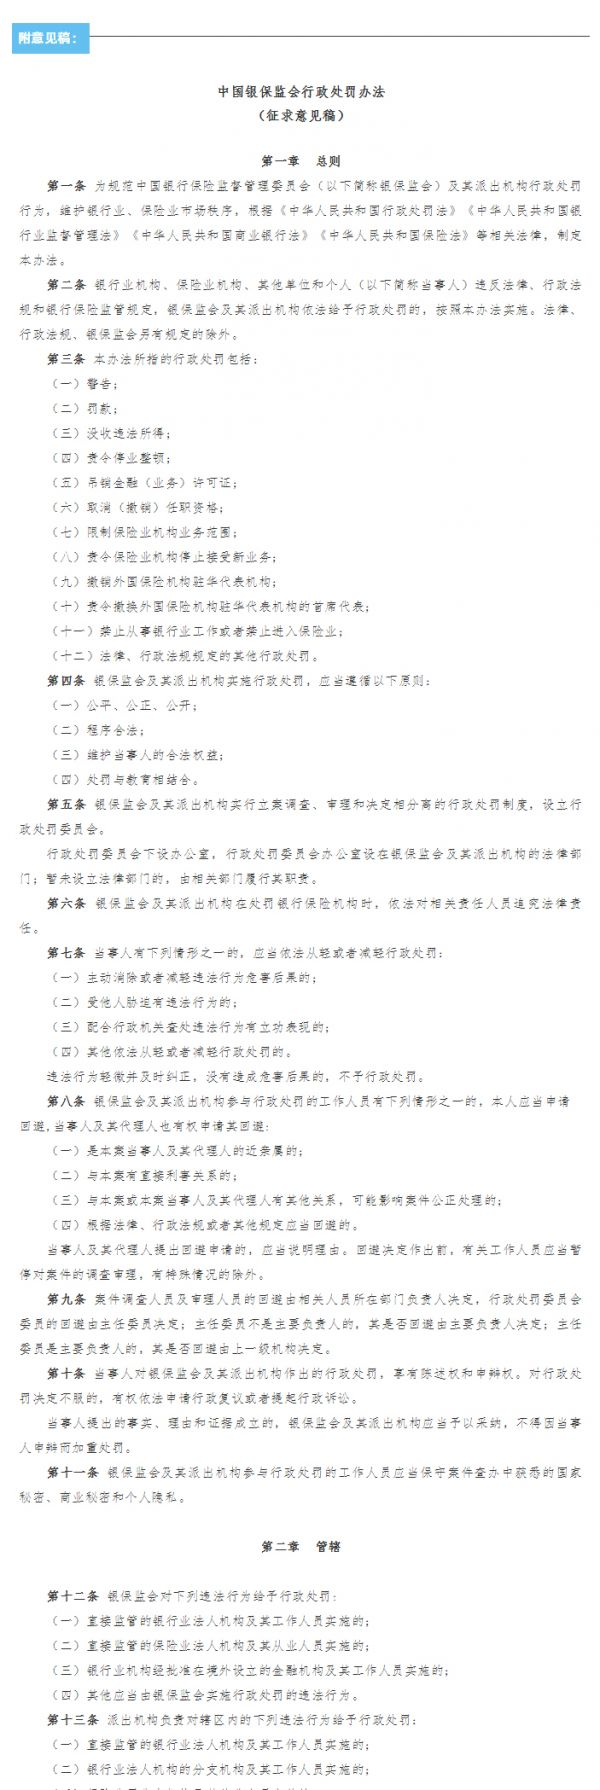 【行业资讯】中国银保监会就《中国银保监会行政处罚办法 (征求意见稿)》公开征求意见